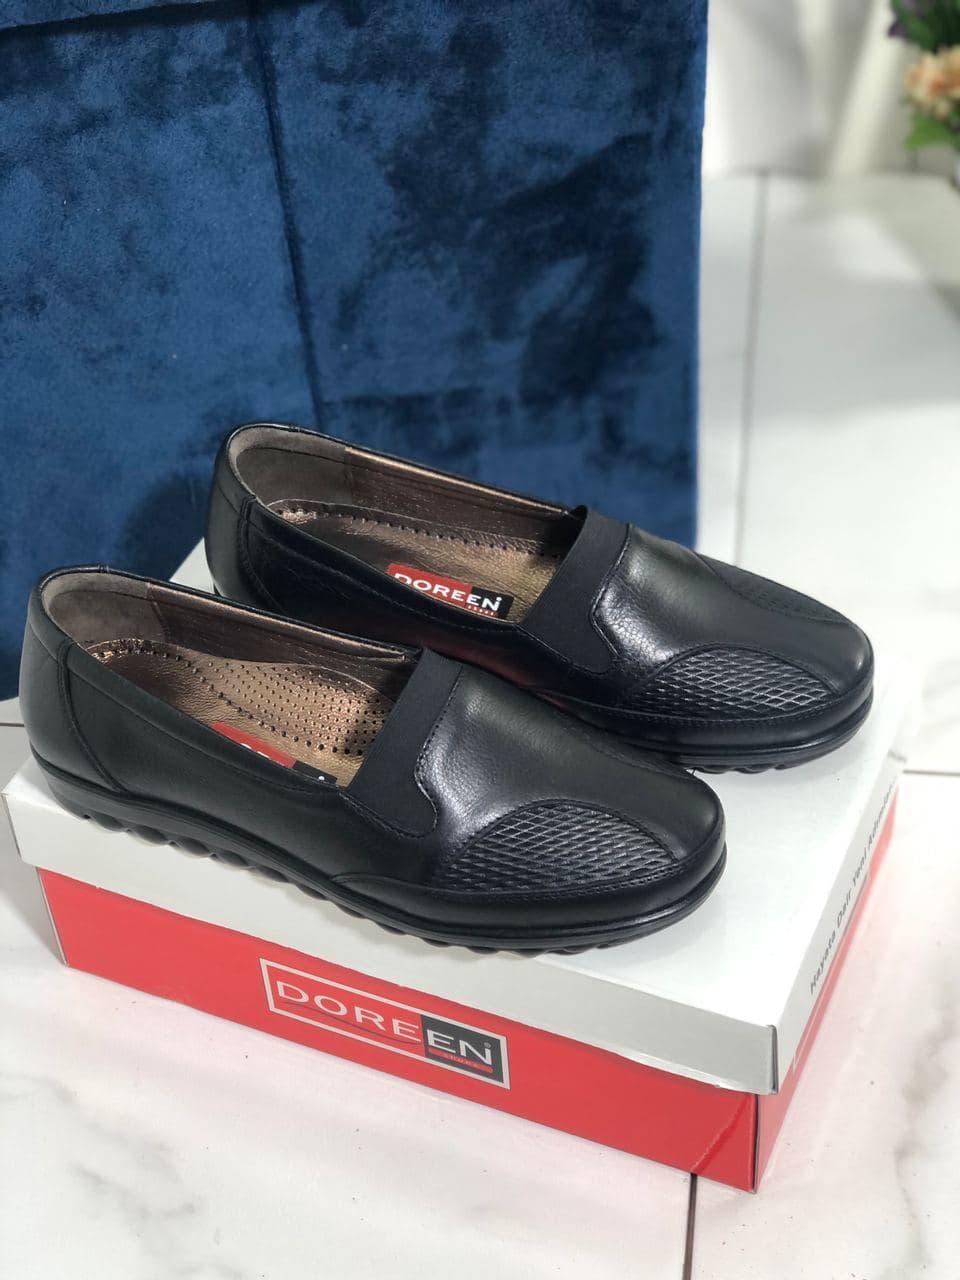 Туфлі жіночі чорні Doren 20135-000-siyah